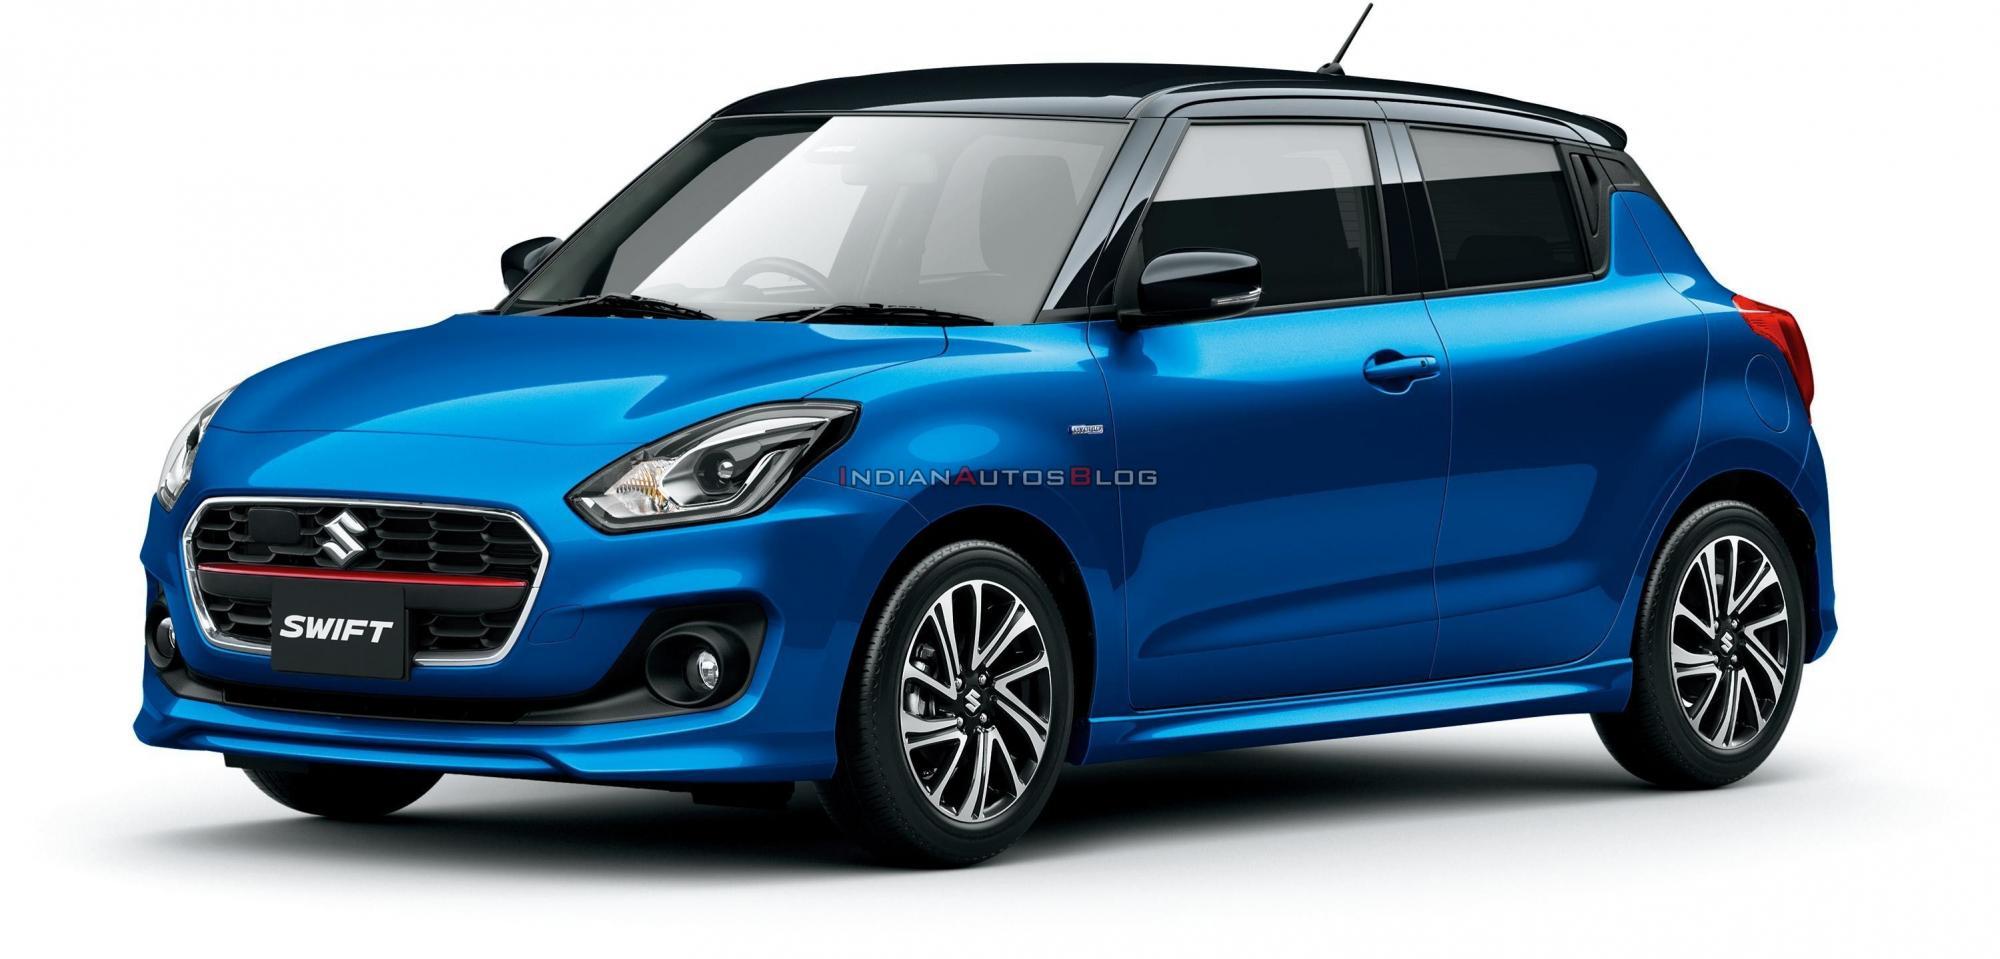 2020-maruti-swift-facelift-blue-japan-d692.jpg